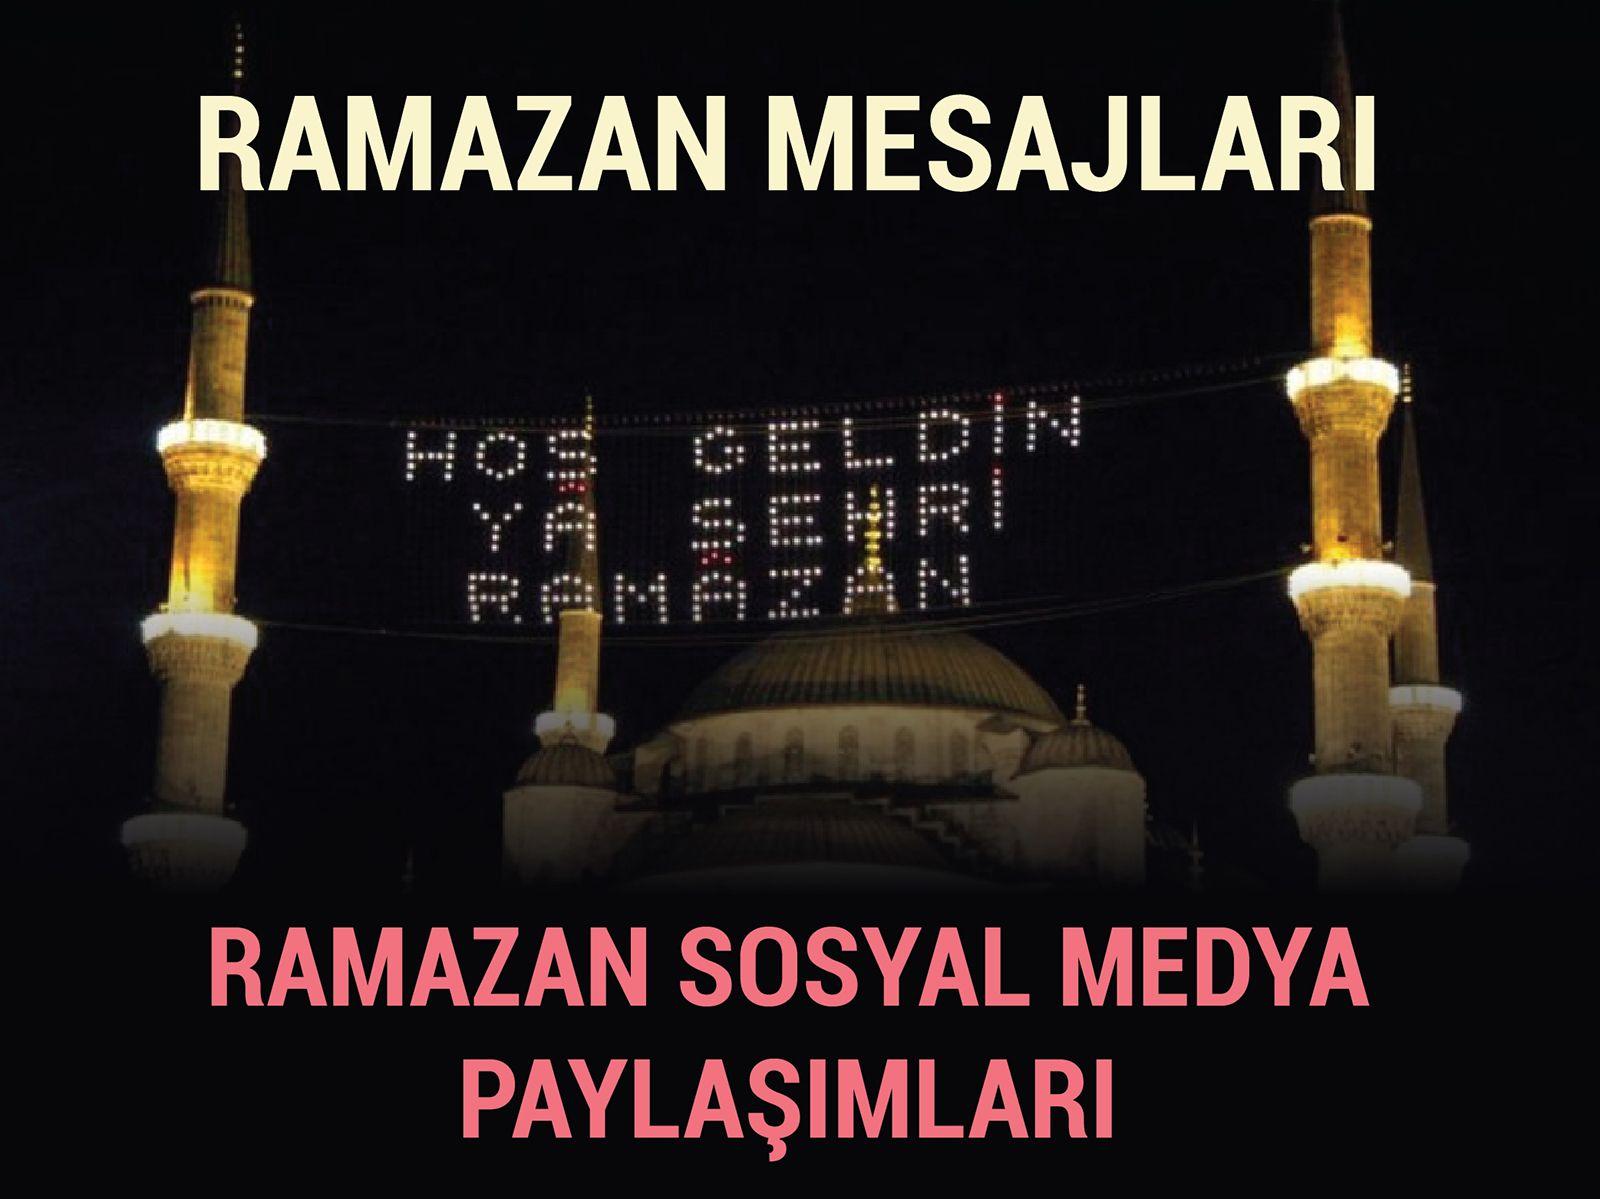 Ramazan Sosyal Medya Mesajları - Paylaşımları